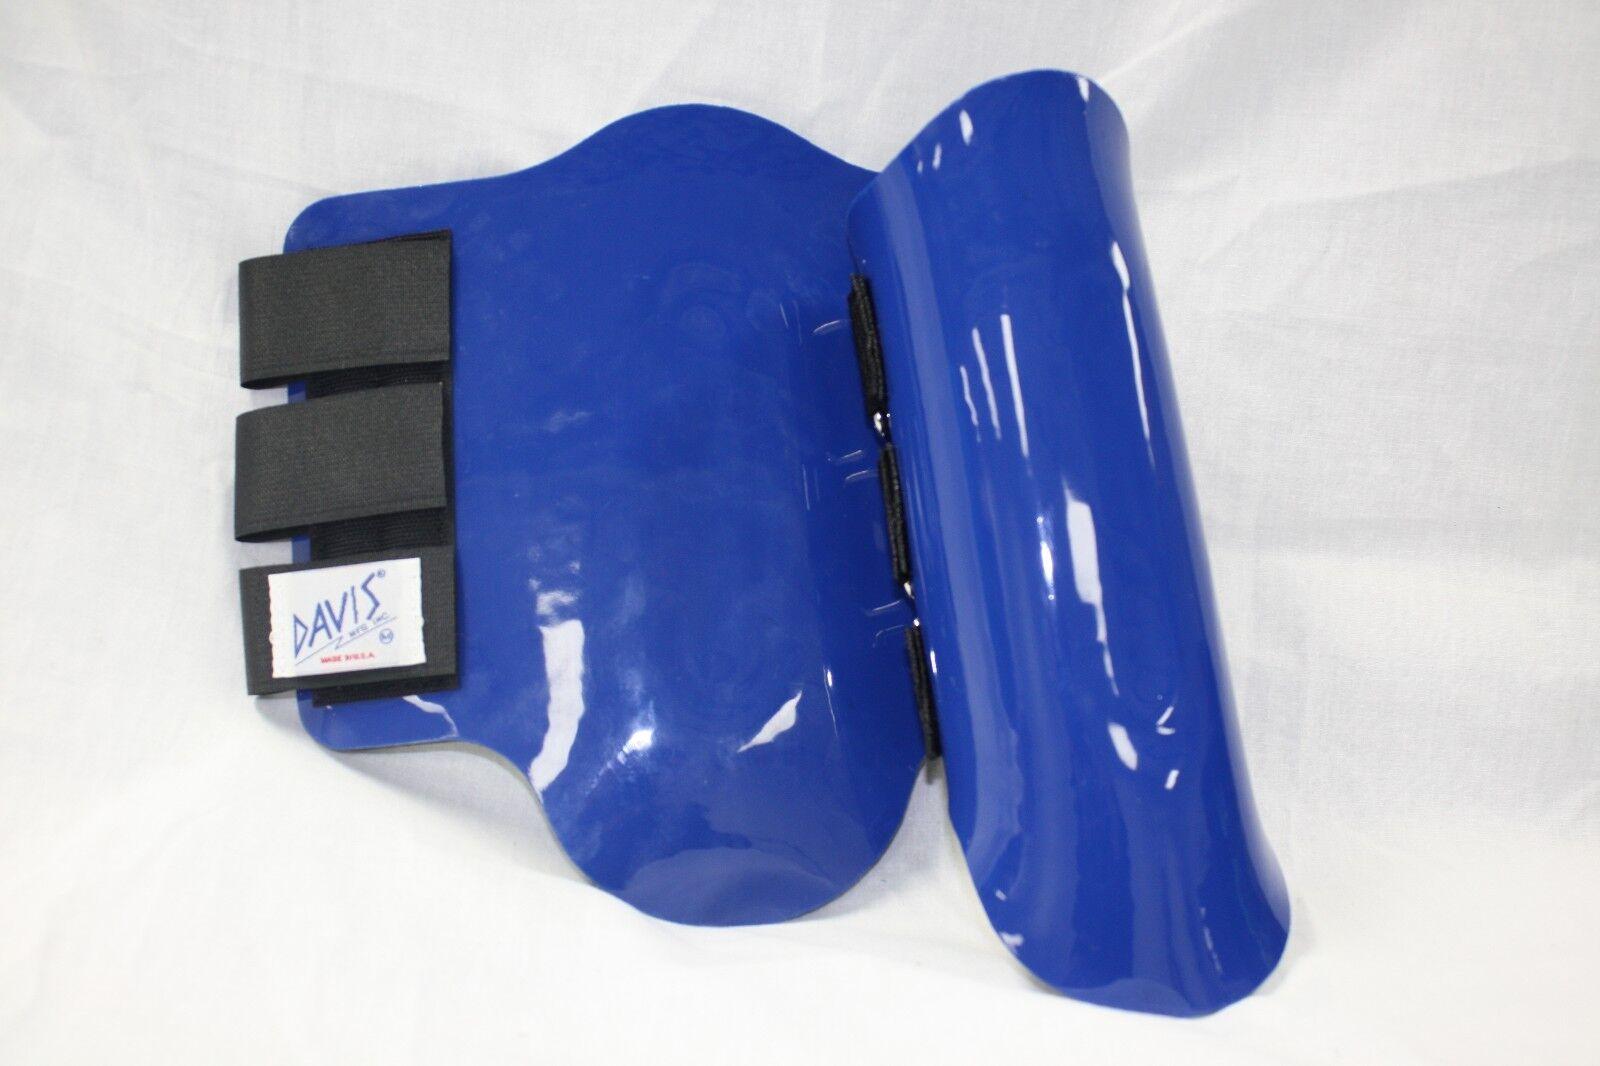 Davis Davis Davis Splint Stiefel in Gr. M  Western Gamaschen Made in USA für Vorderbeine bf819b